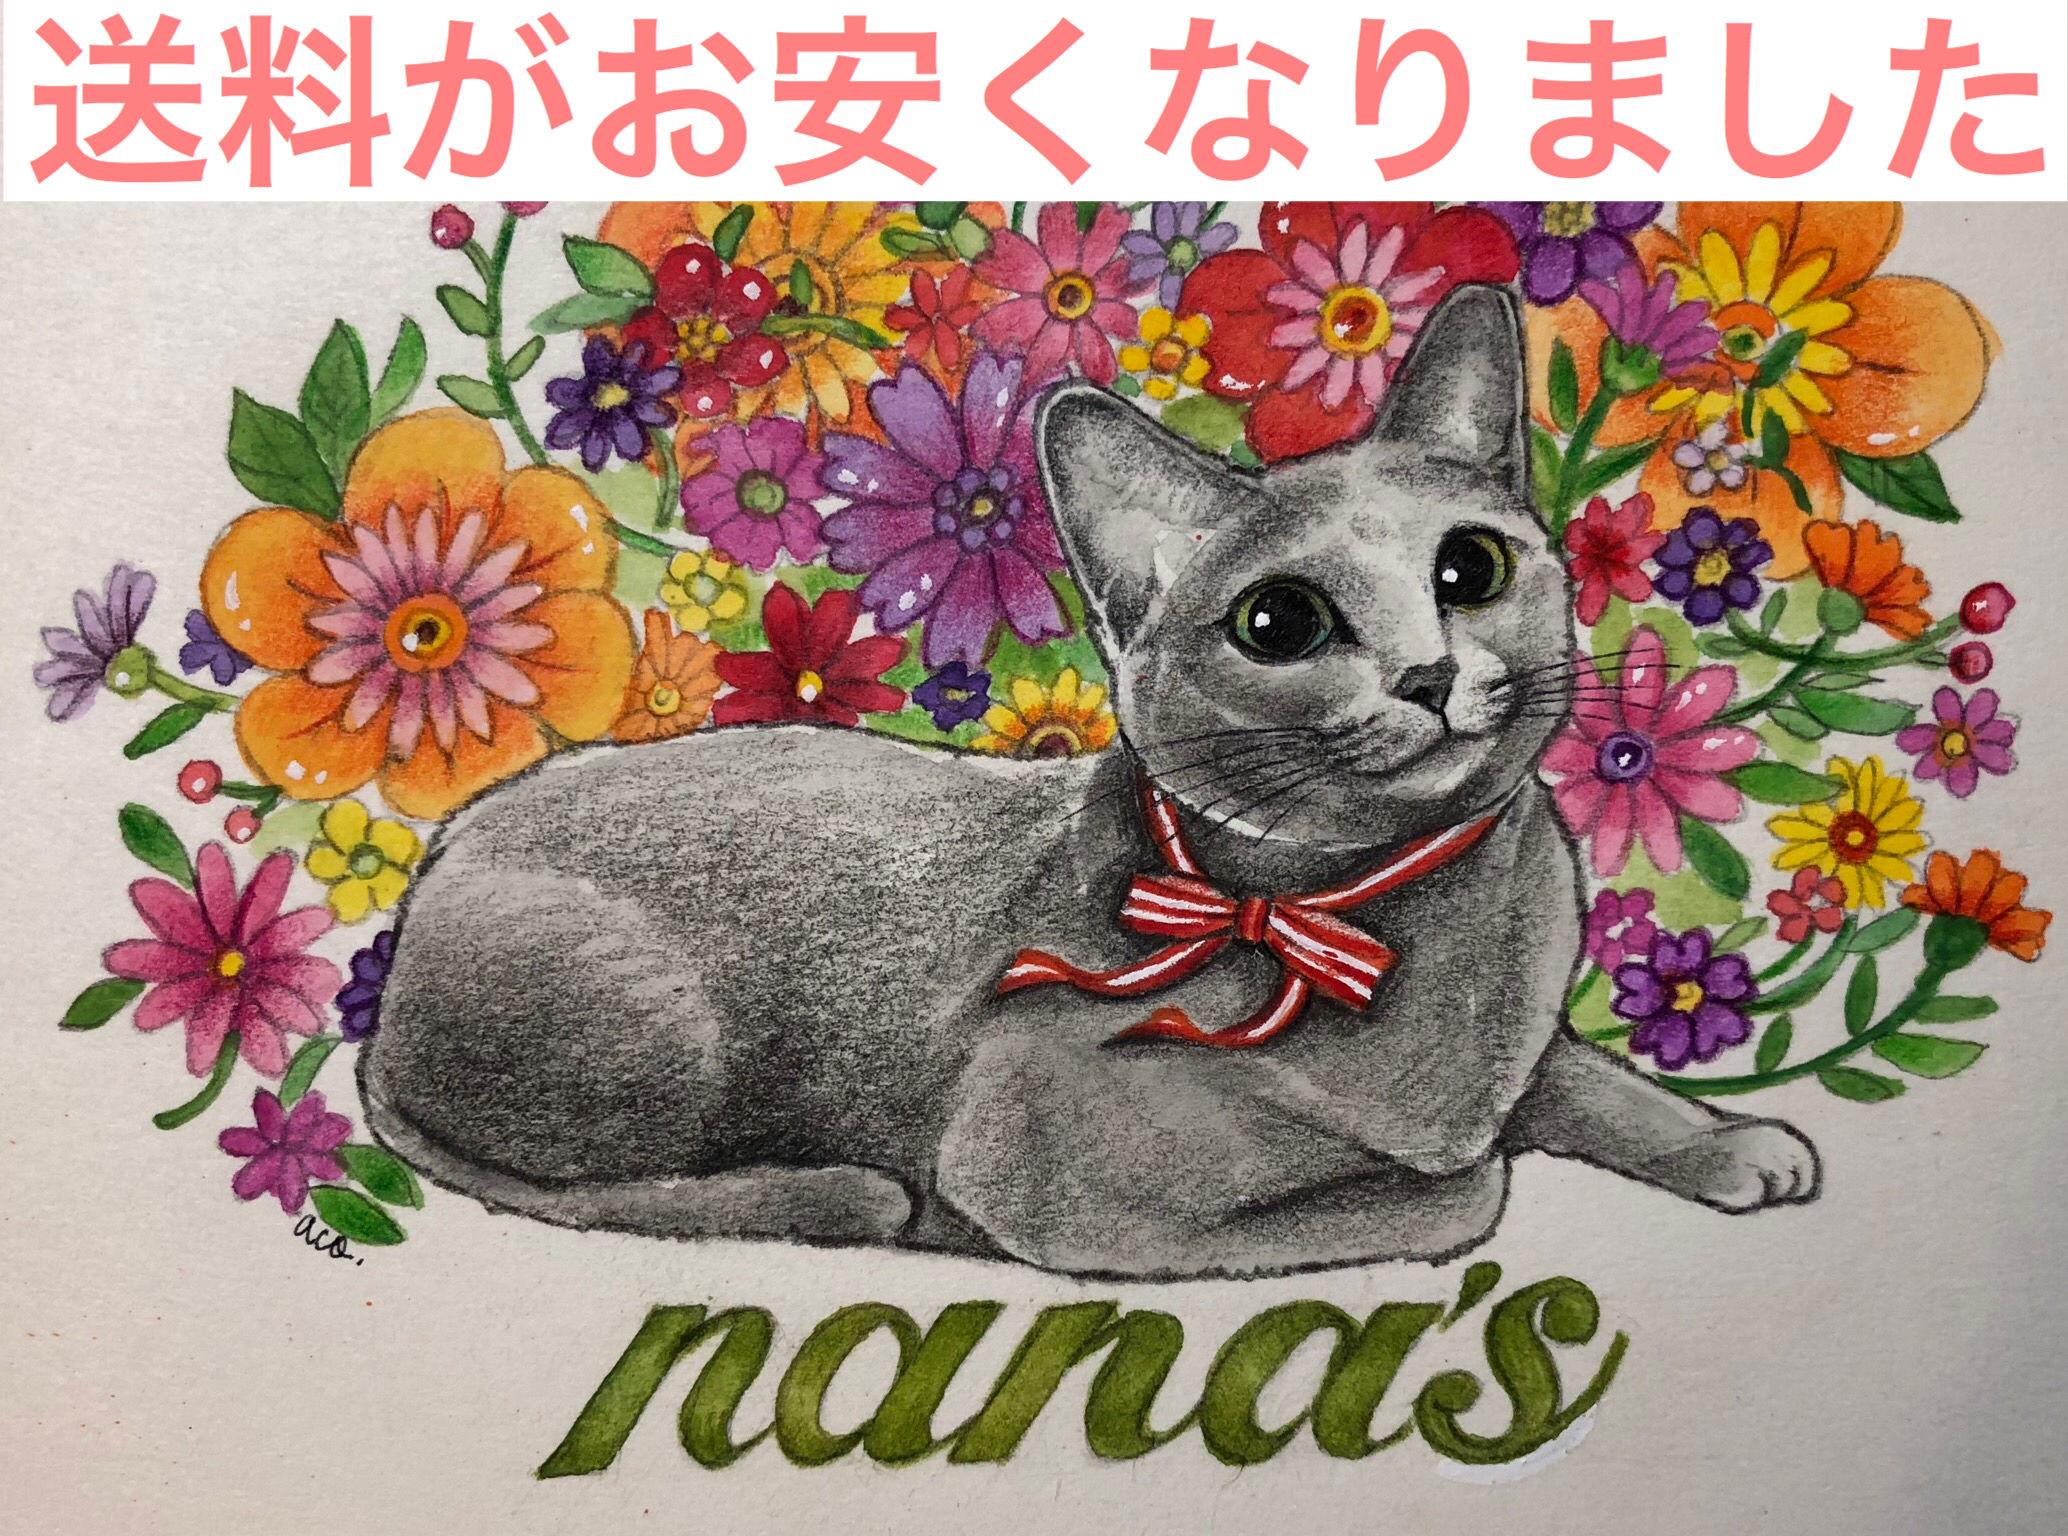 nana's STORE